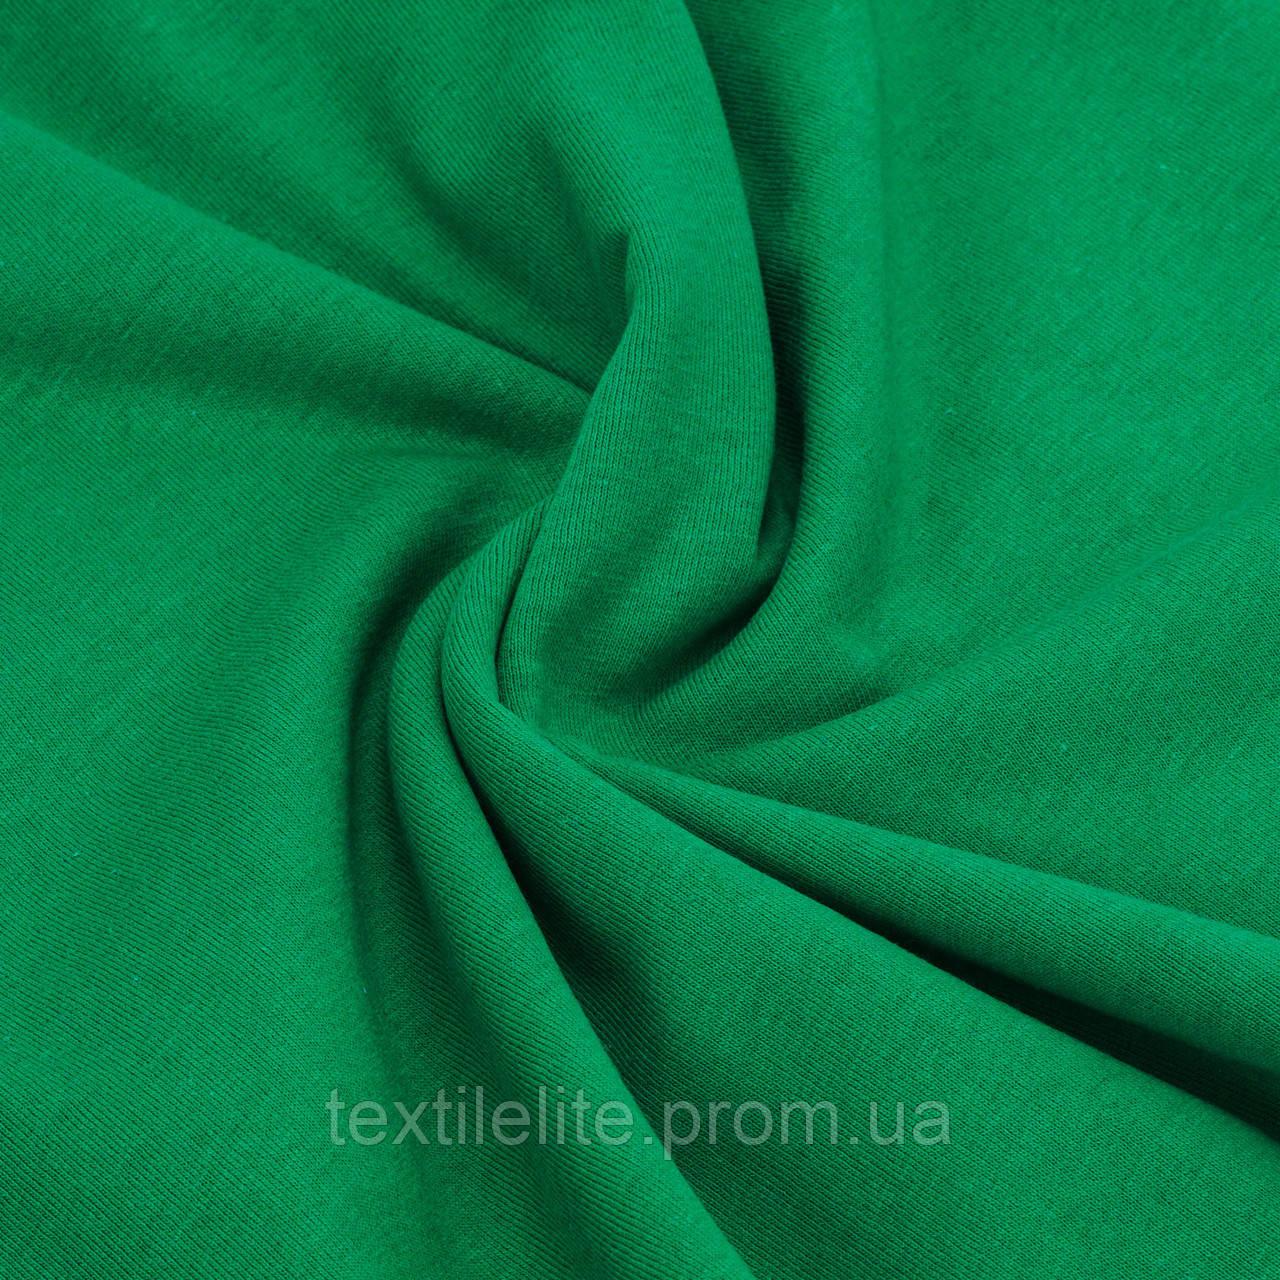 Трикотажное полотно кулирная гладь Зеленого цвета. Хлопок 100%